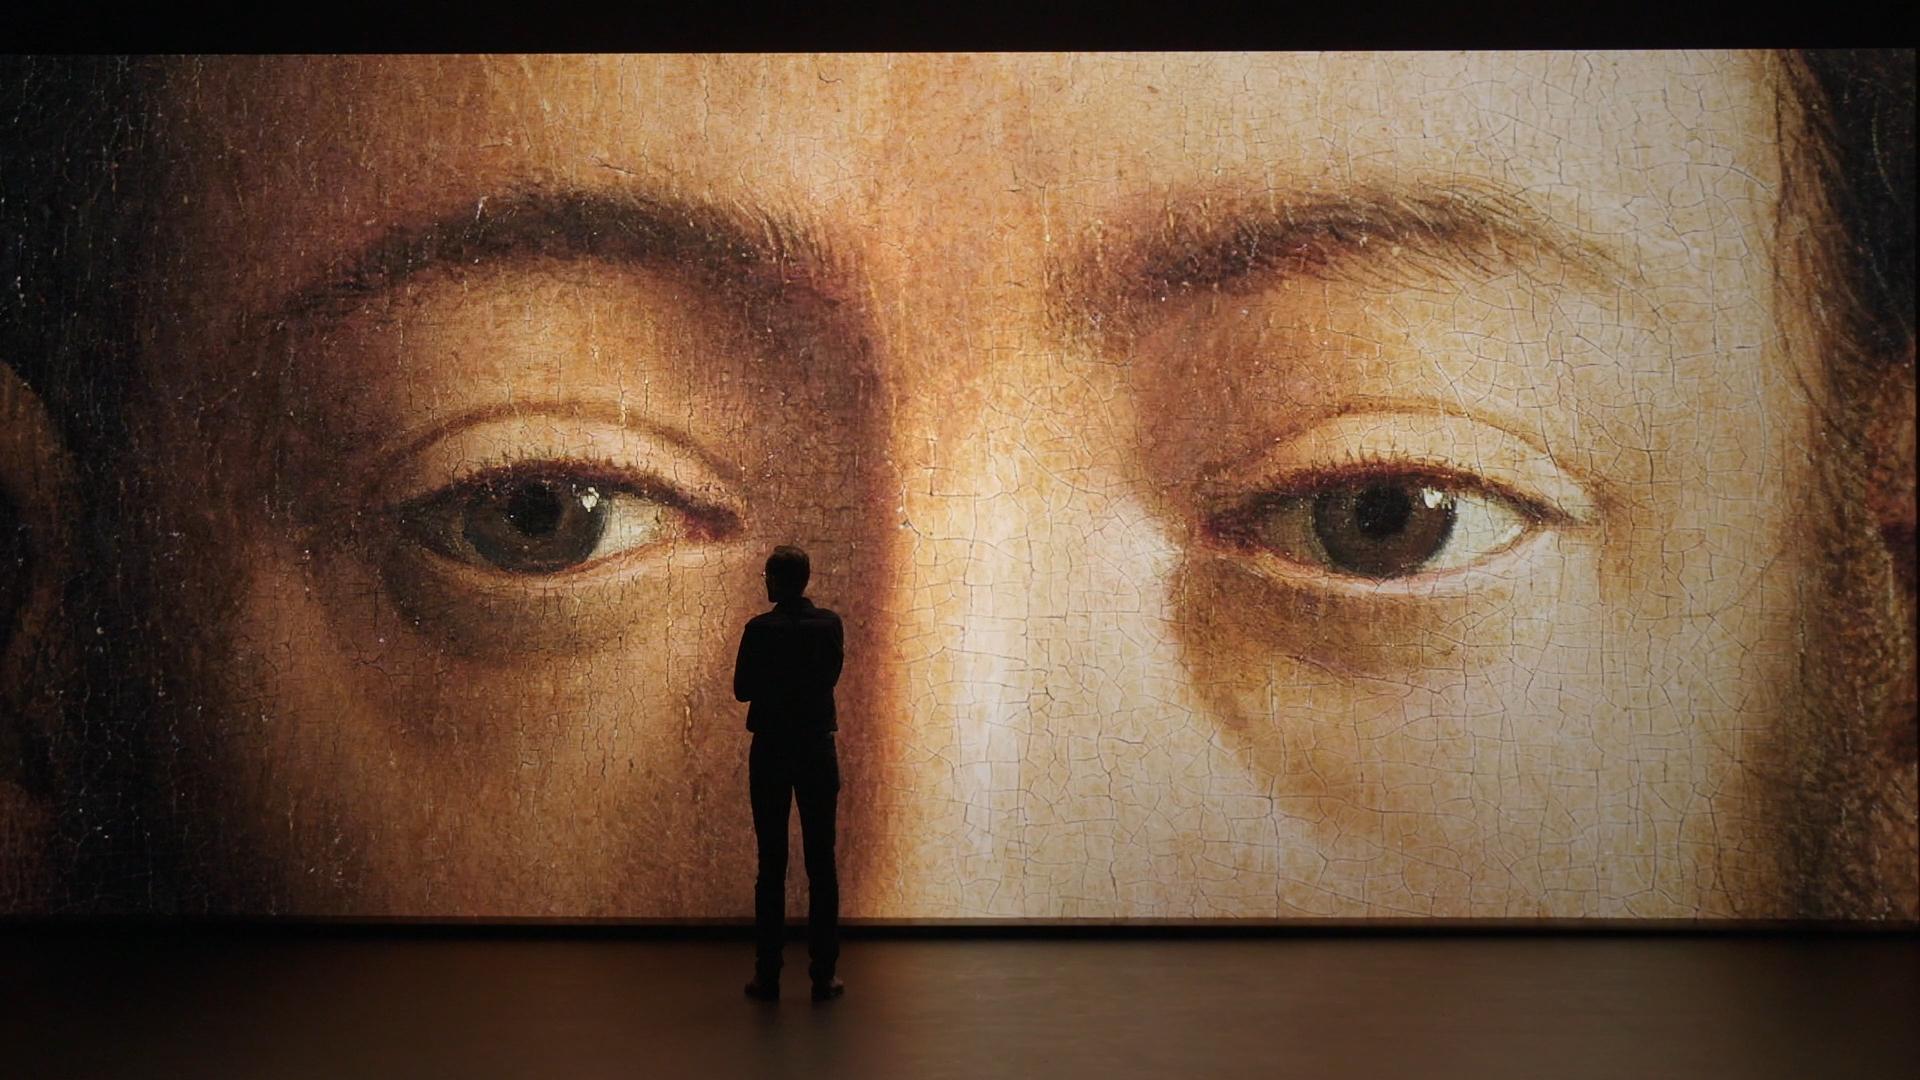 Archivé: Journées Internationales du Film sur l'Art (JIFA) – 14ème édition